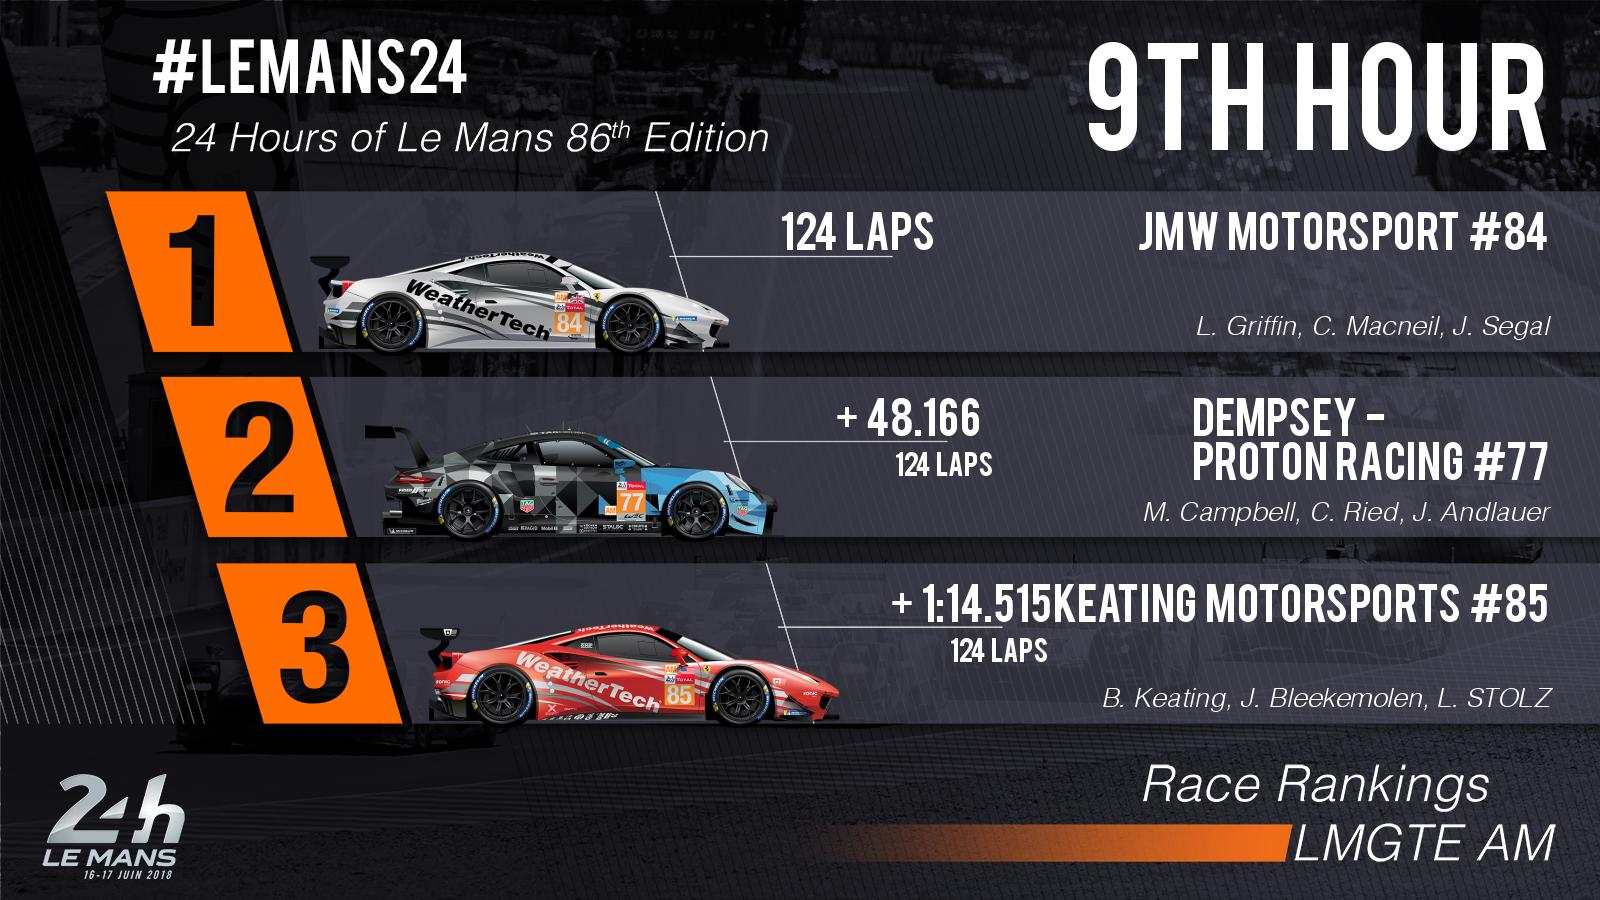 24 Horas de Le Mans 2018 - Página 3 5b2588a64646c